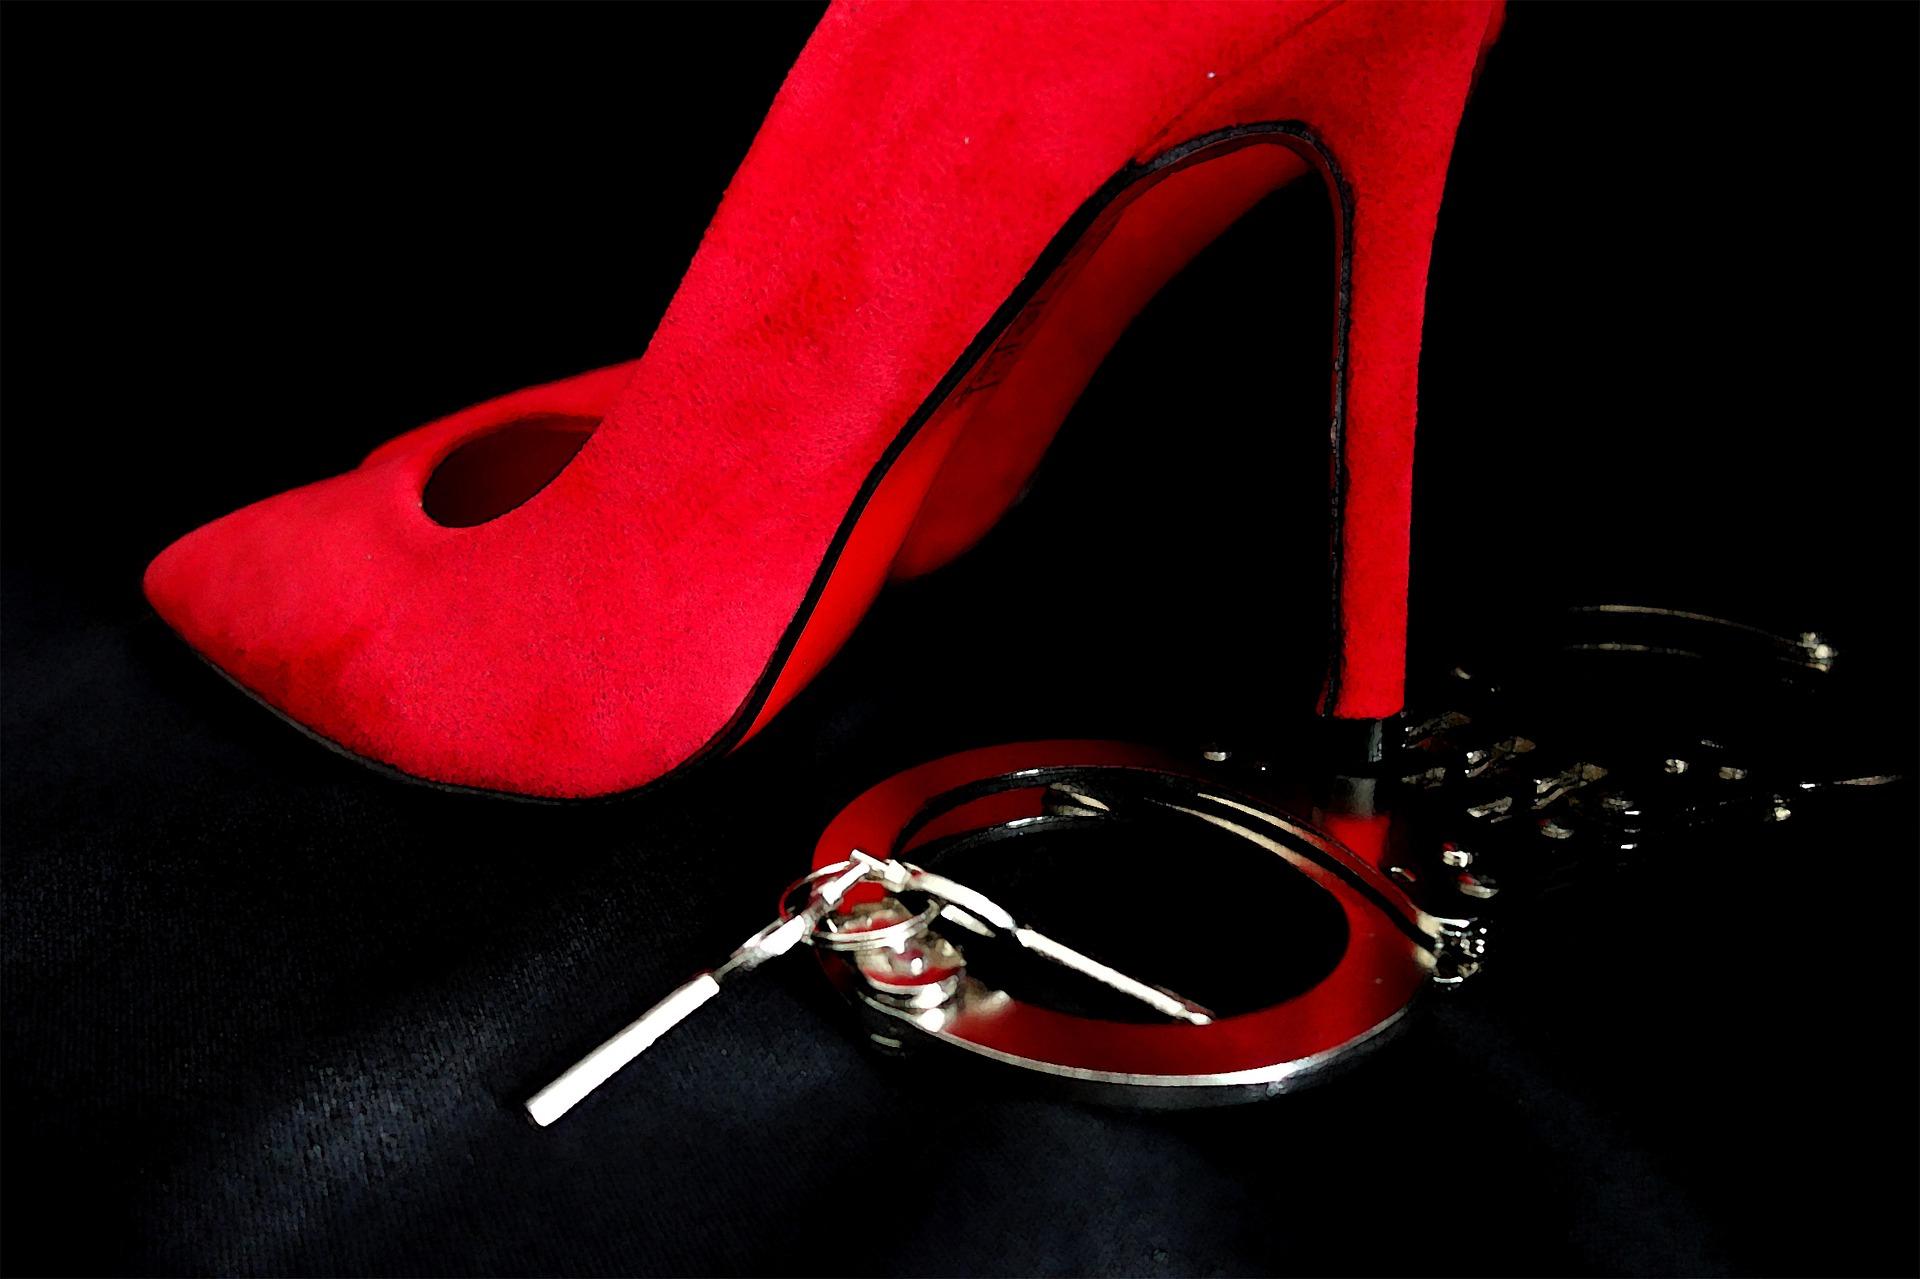 Zu schneller Sex! | (Un)befriedigter Mann (18) zeigt Prostituierte an